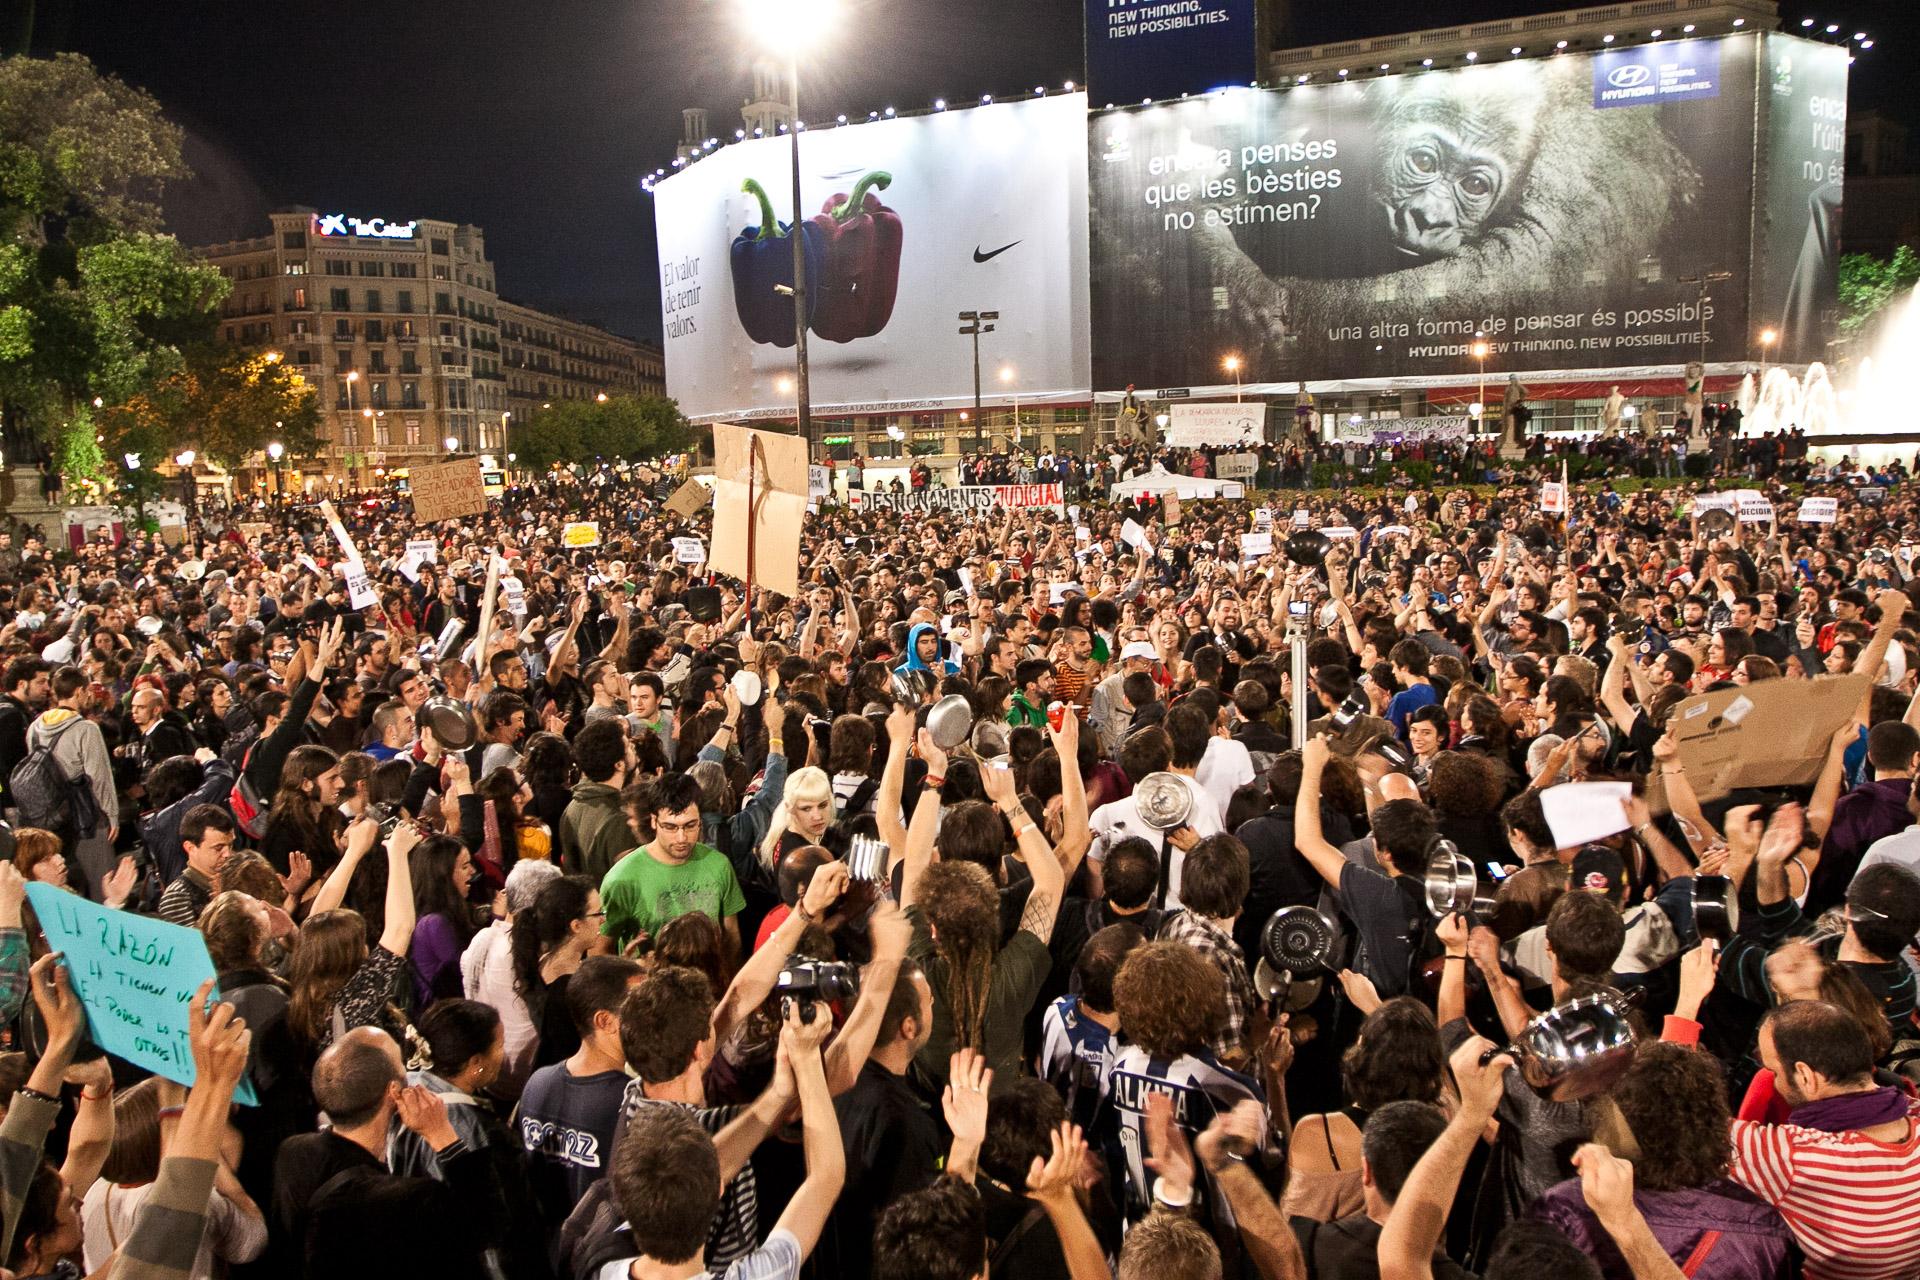 La plaça Catalunya durant el 15-M / Foto: Jordi Borràs